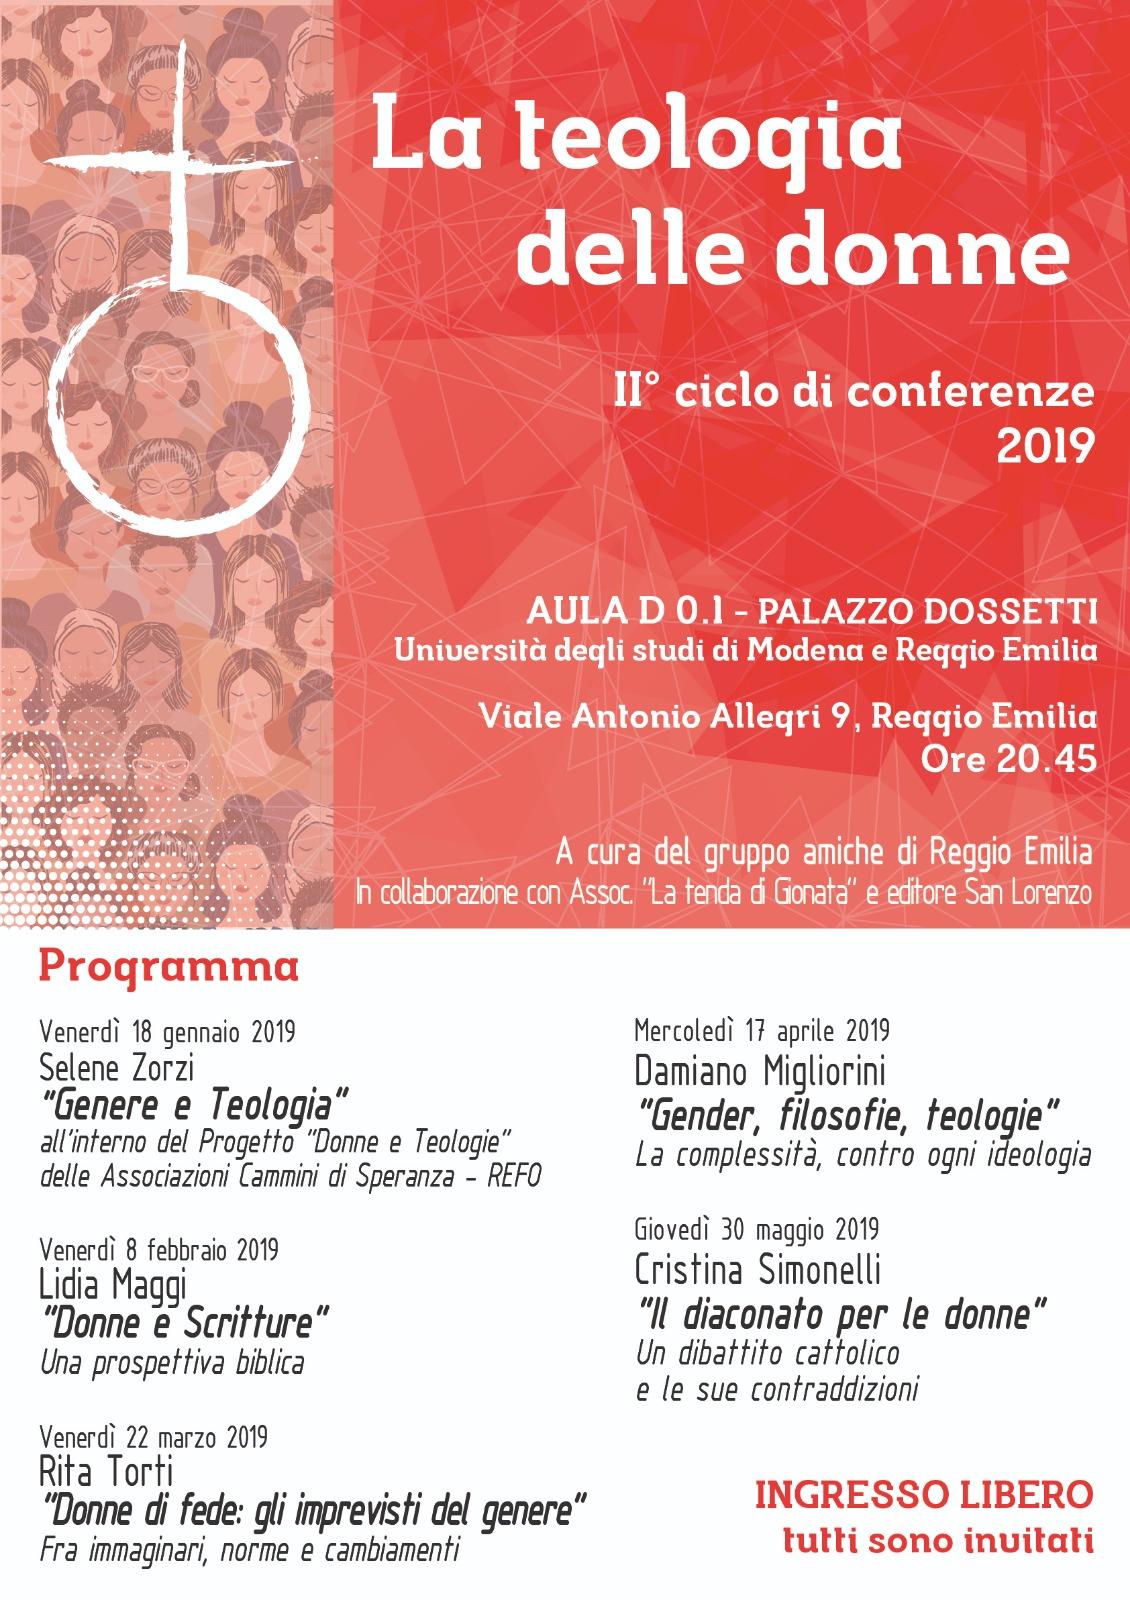 Ciclo di incontri: La teologia delle donne @ Palazzo Dossetti - Università degli Studi di Modena e Reggio Emilia